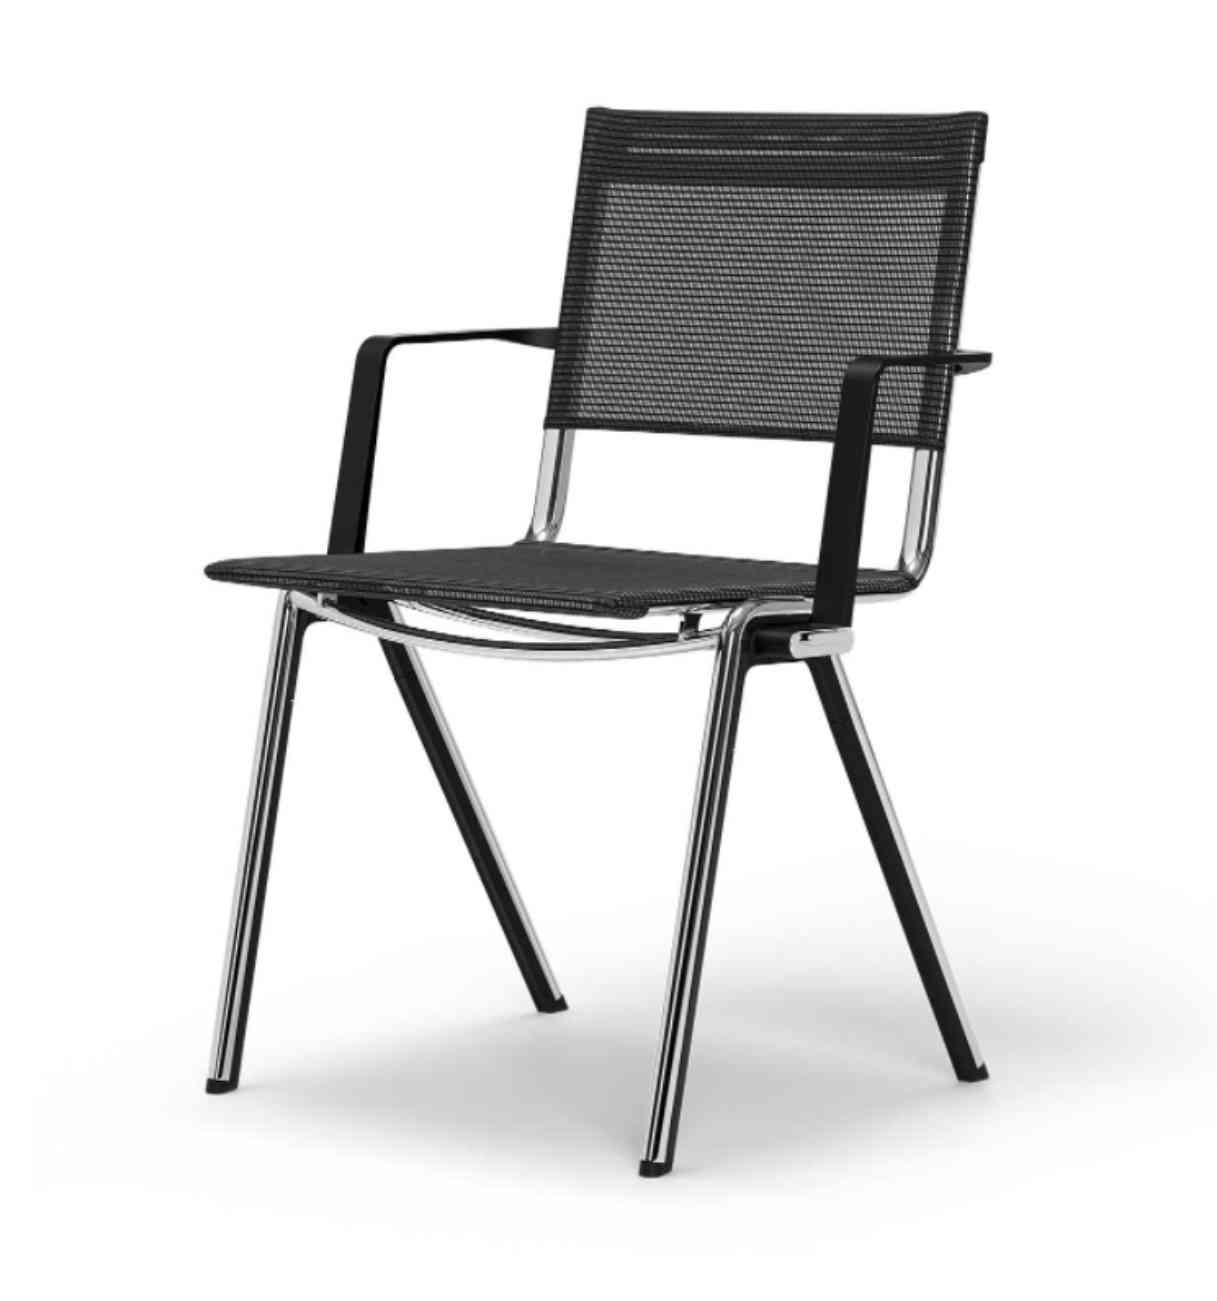 Blaq_Chair 3